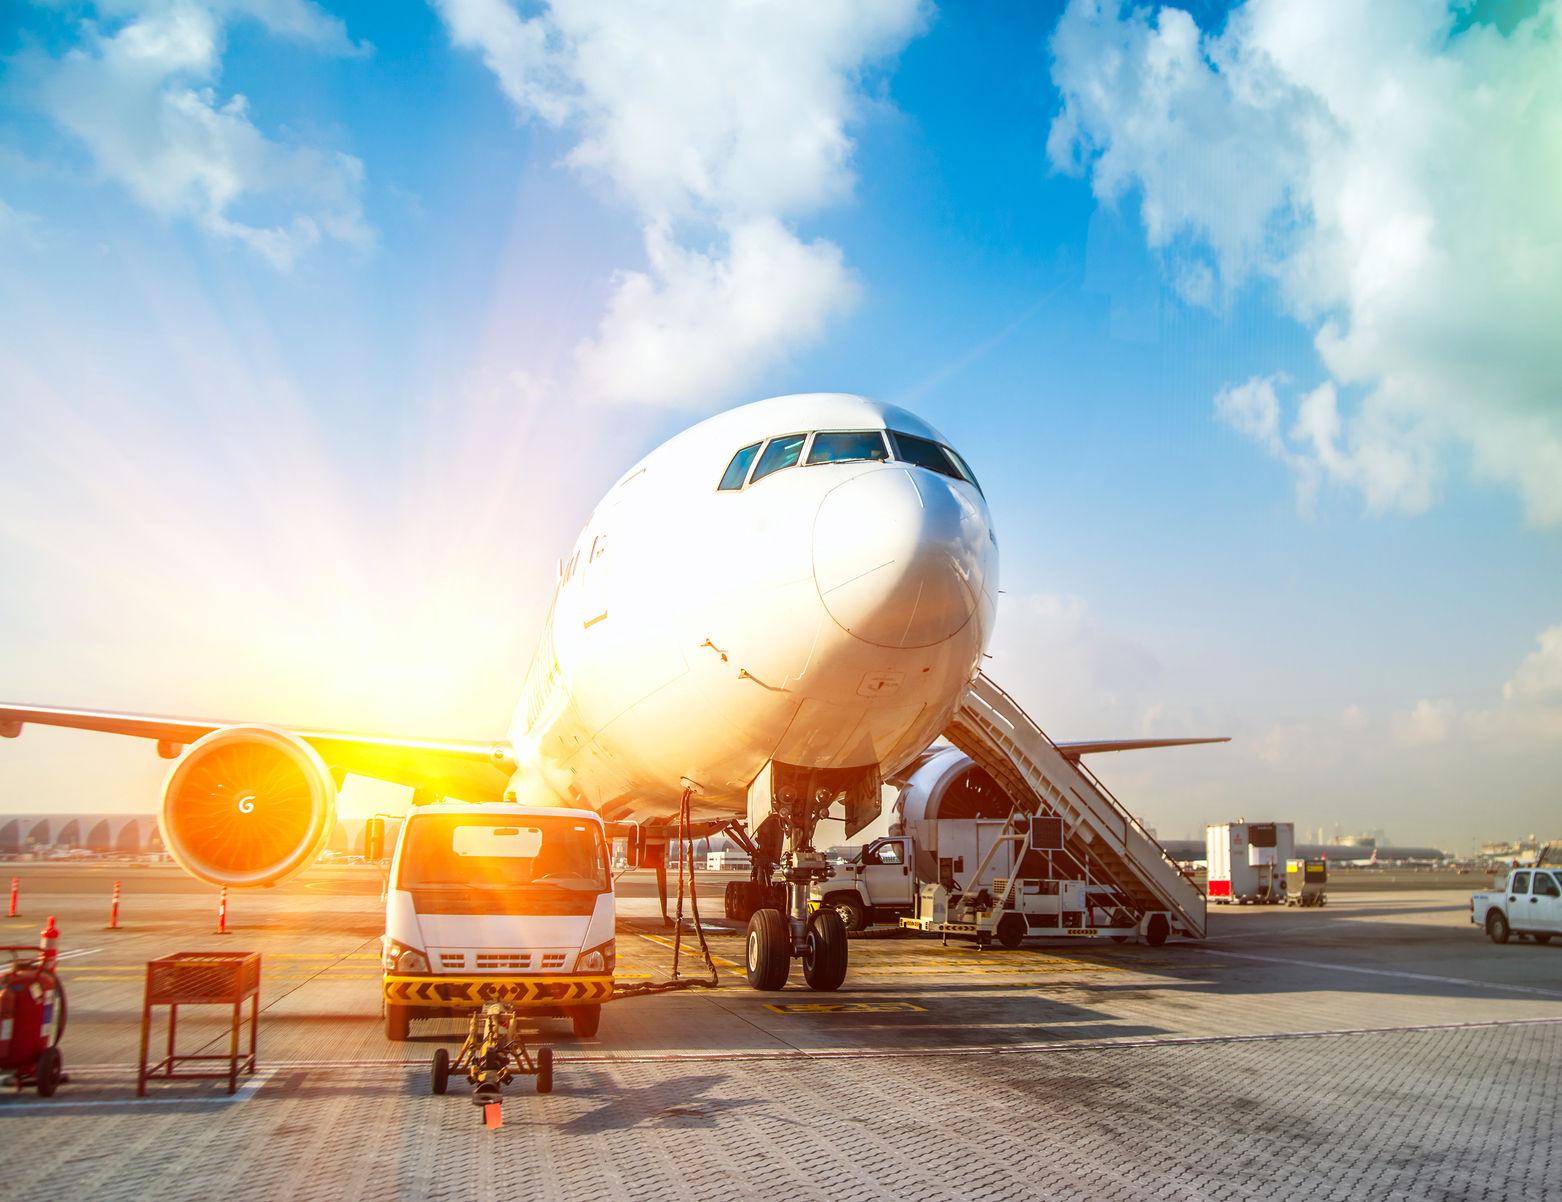 Vliegtuig die klaar wordt gemaakt voor vertrek met opkomende zon.